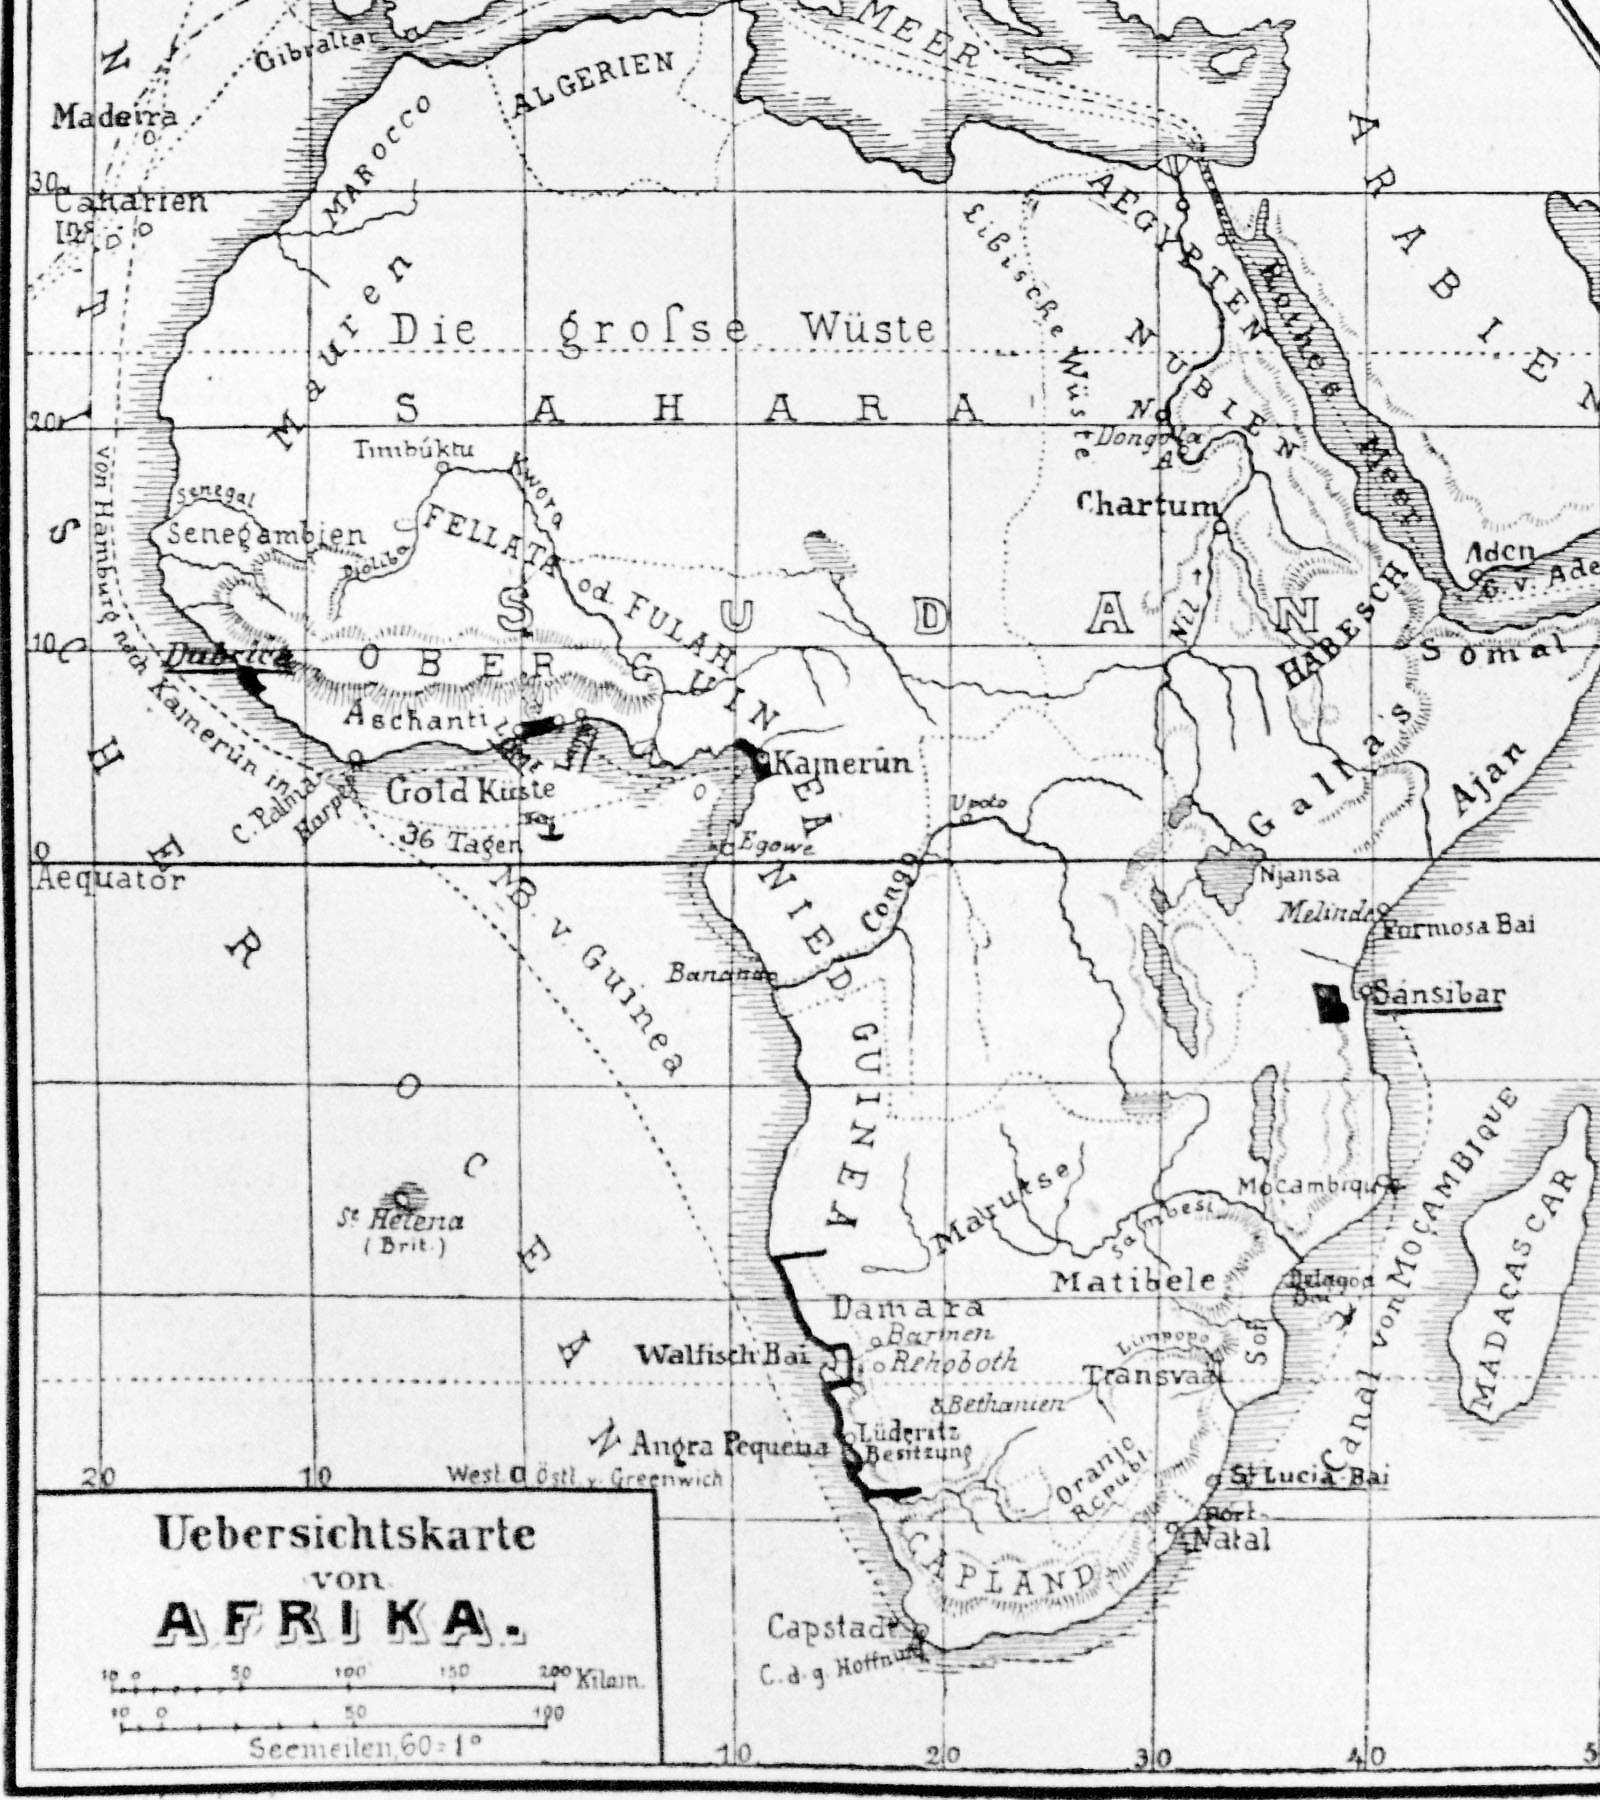 Frühe Karte der deutschen Überseegebiete von 1885: Kapitaï und Koba sind als Dubrica (Dubréka) verzeichnet